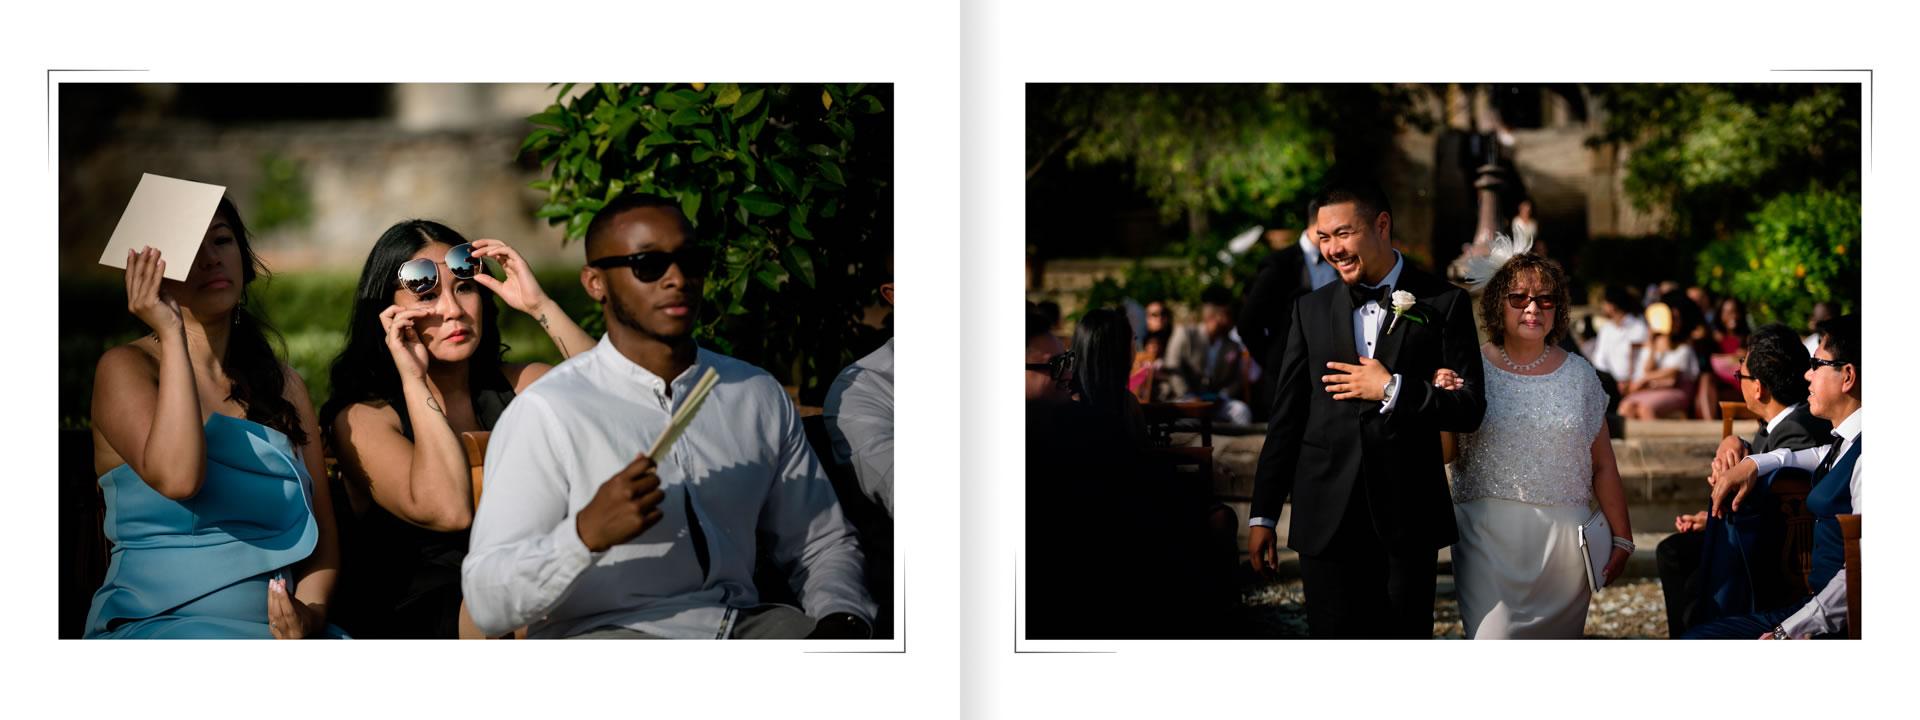 villa-di-maiano-david-bastianoni-photographer-00015 - 15 :: Wedding at Villa di Maiano :: Luxury wedding photography - 14 :: villa-di-maiano-david-bastianoni-photographer-00015 - 15